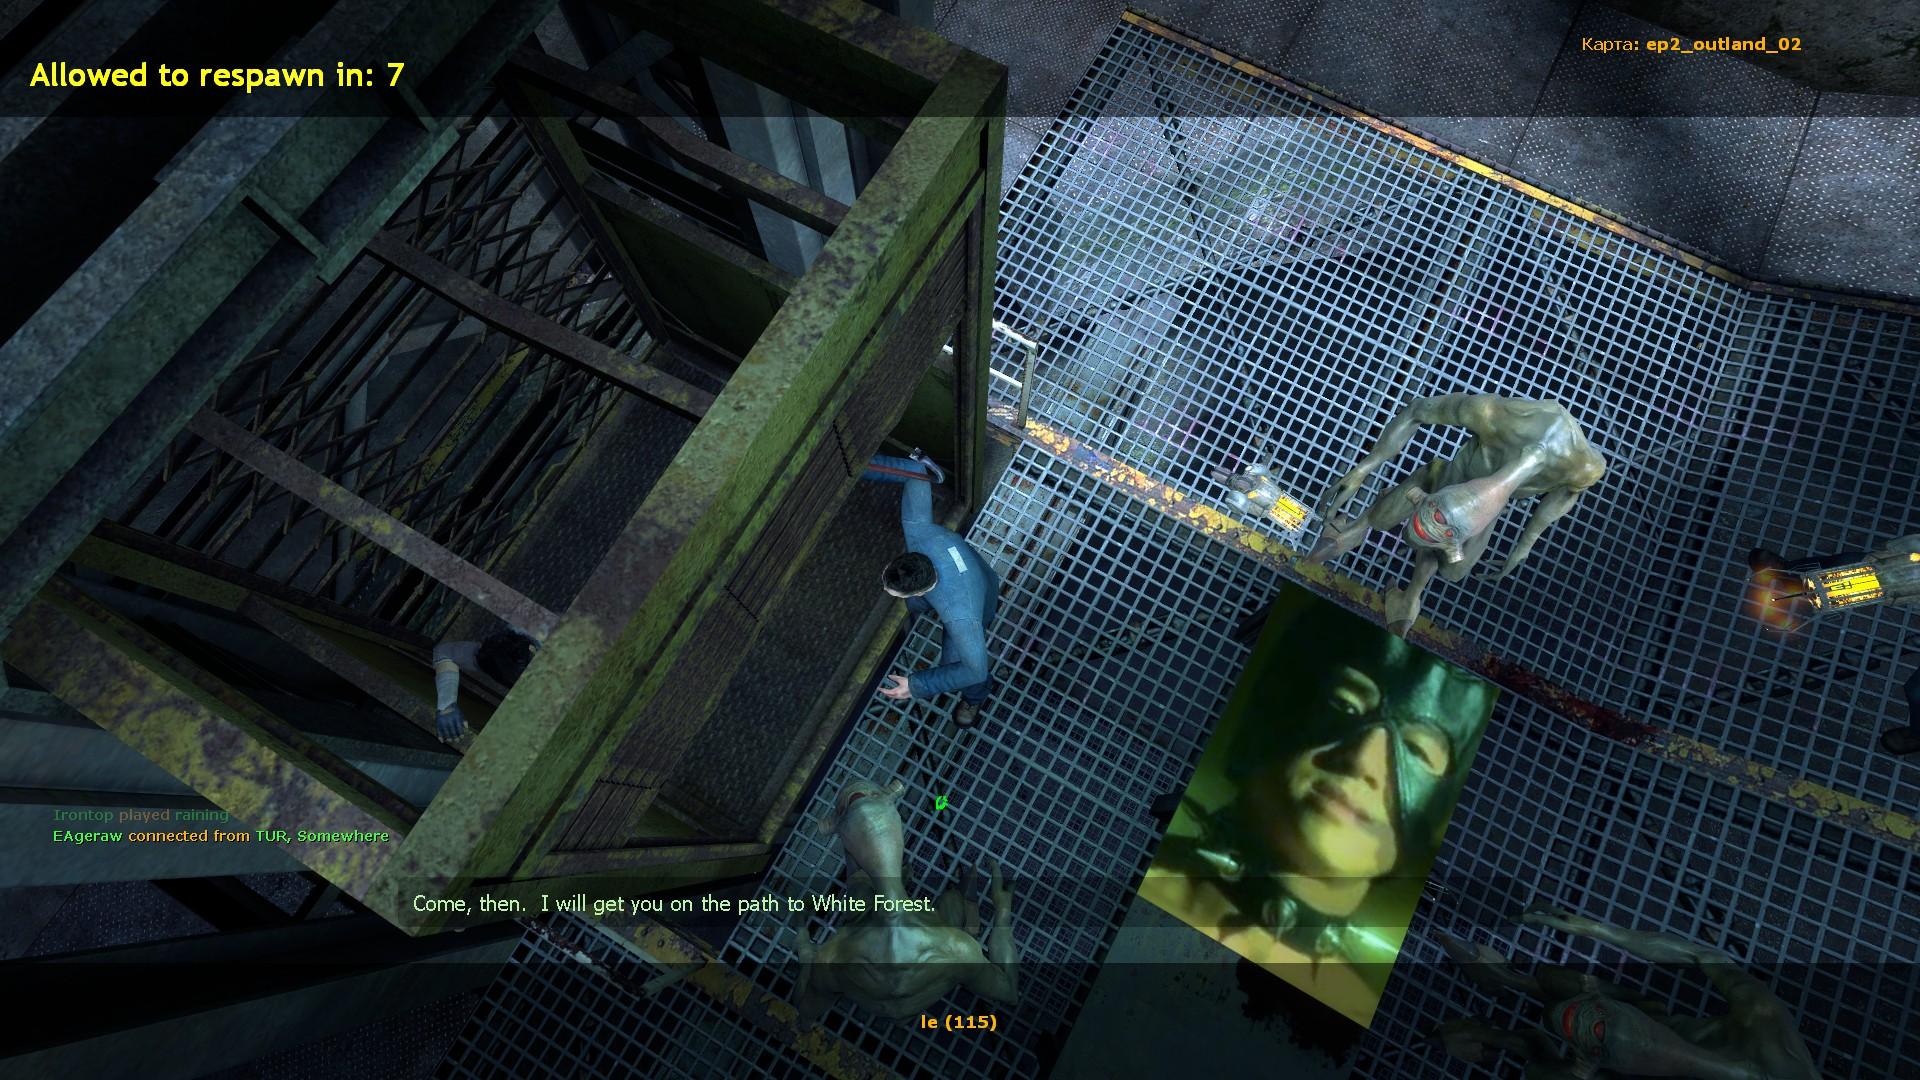 ep2_outland_020000.jpg - Half-Life 2